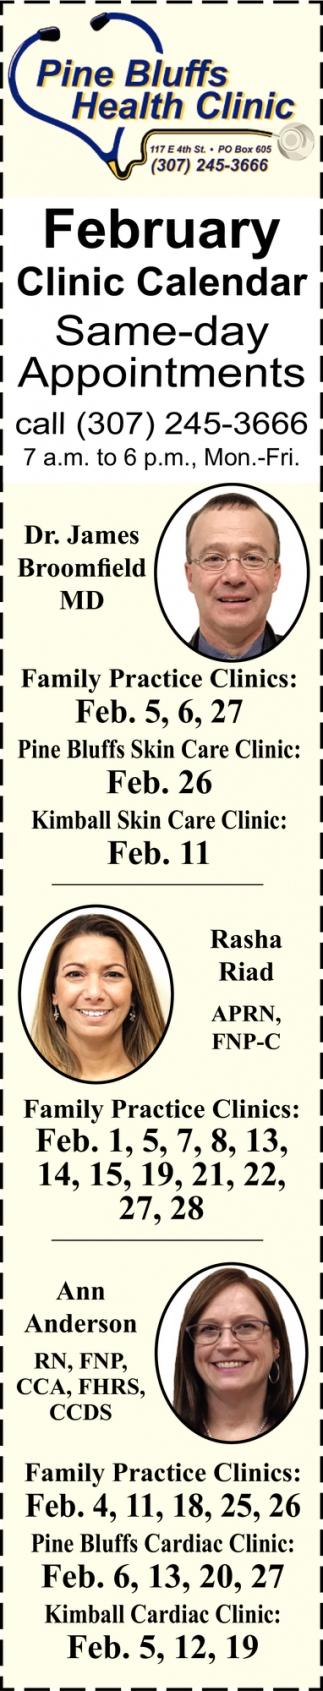 February Clinic Calendar